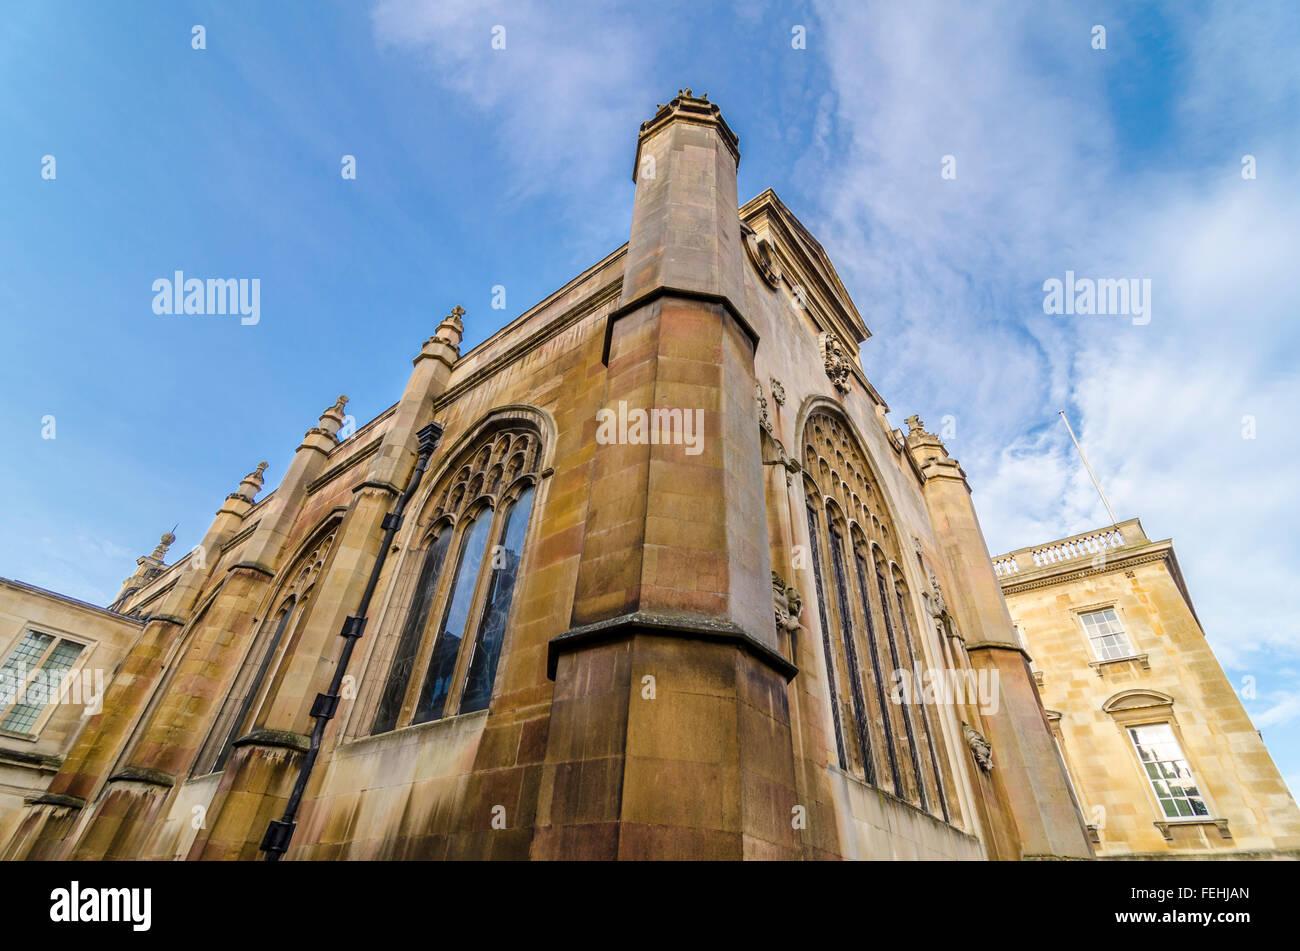 Peterhouse Chapel, Cambridge, UK - Stock Image